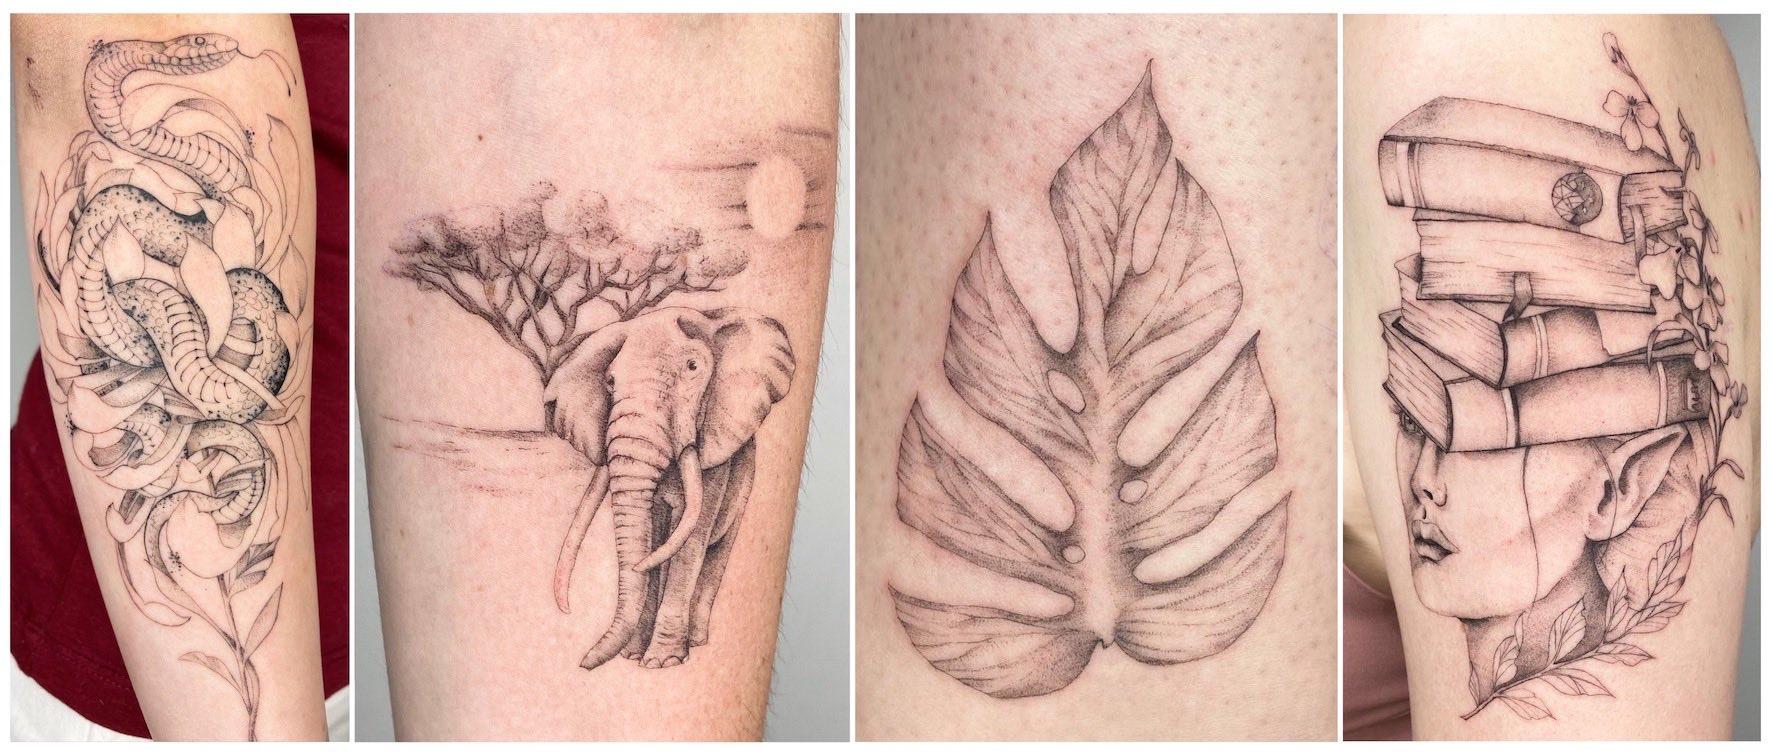 Tattoo work done by Alyssa van der Merwe